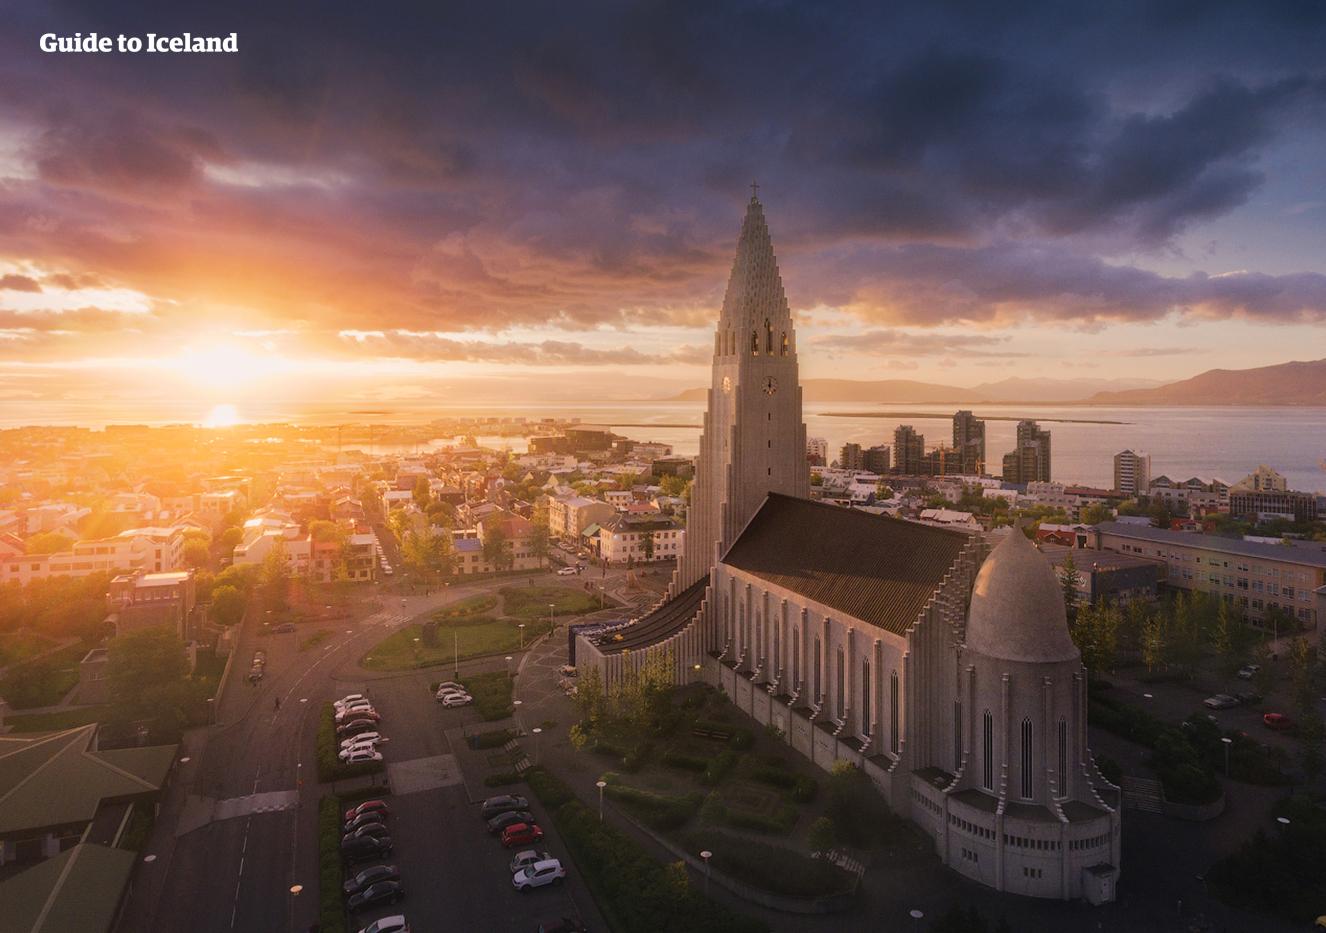 雷克雅未克的哈尔格林姆斯大教堂是根据冰岛宗教诗人哈尔格里姆尔而命名的。